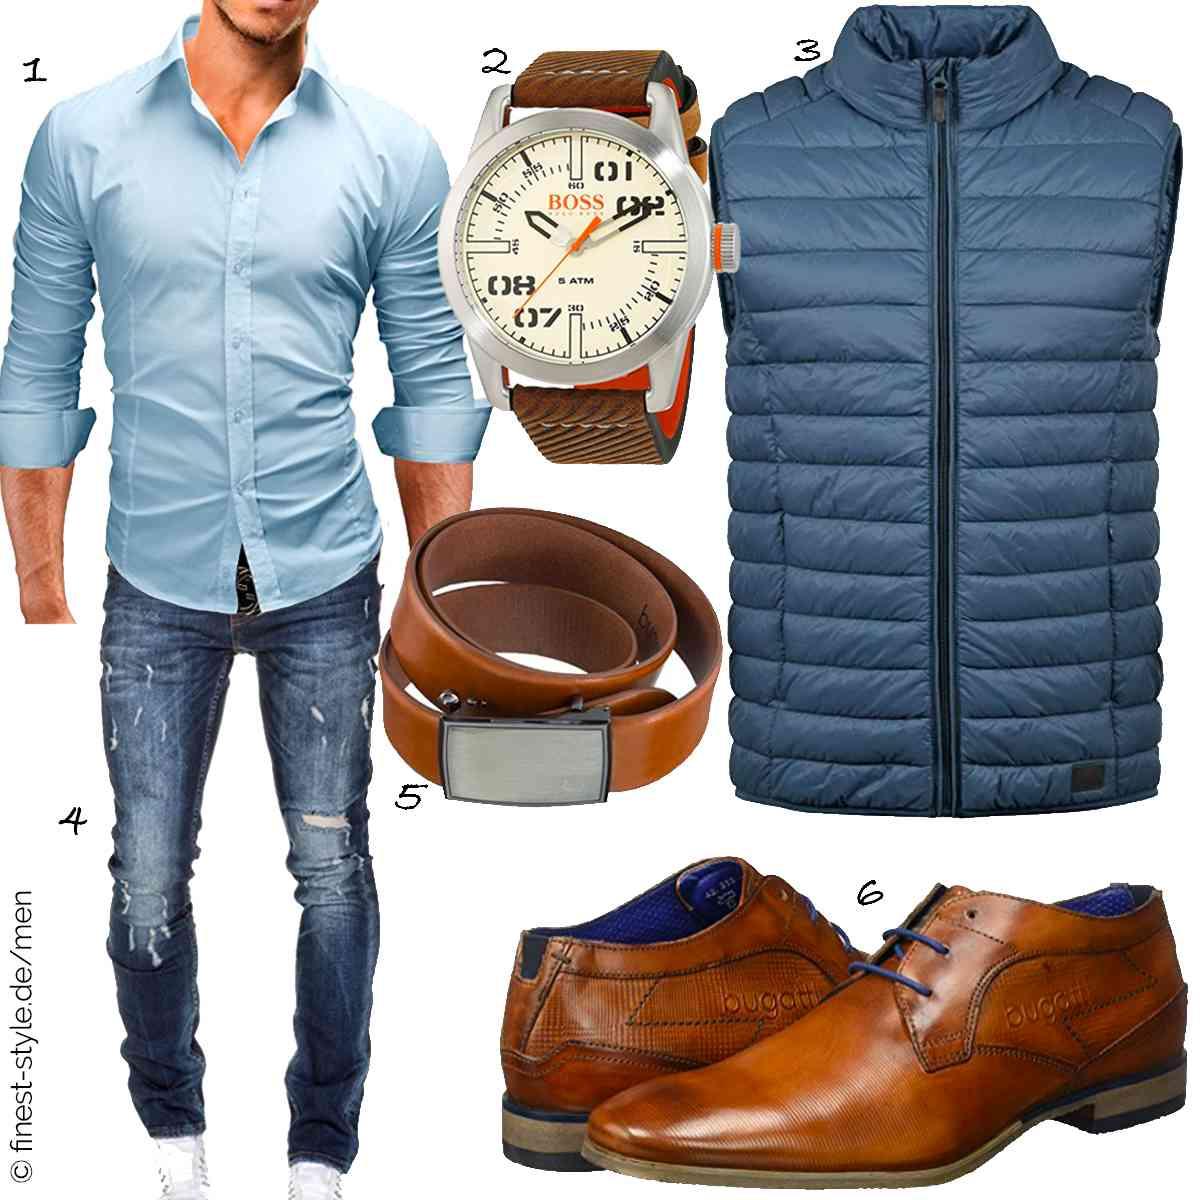 Top Herren-Outfit im Finest-Trend-Style für ein selbstbewusstes Modegefühl mit tollen Produkten von MERISH,Hugo Boss Orange,Blend,Amaci&Sons,Bugatti,Bugatti